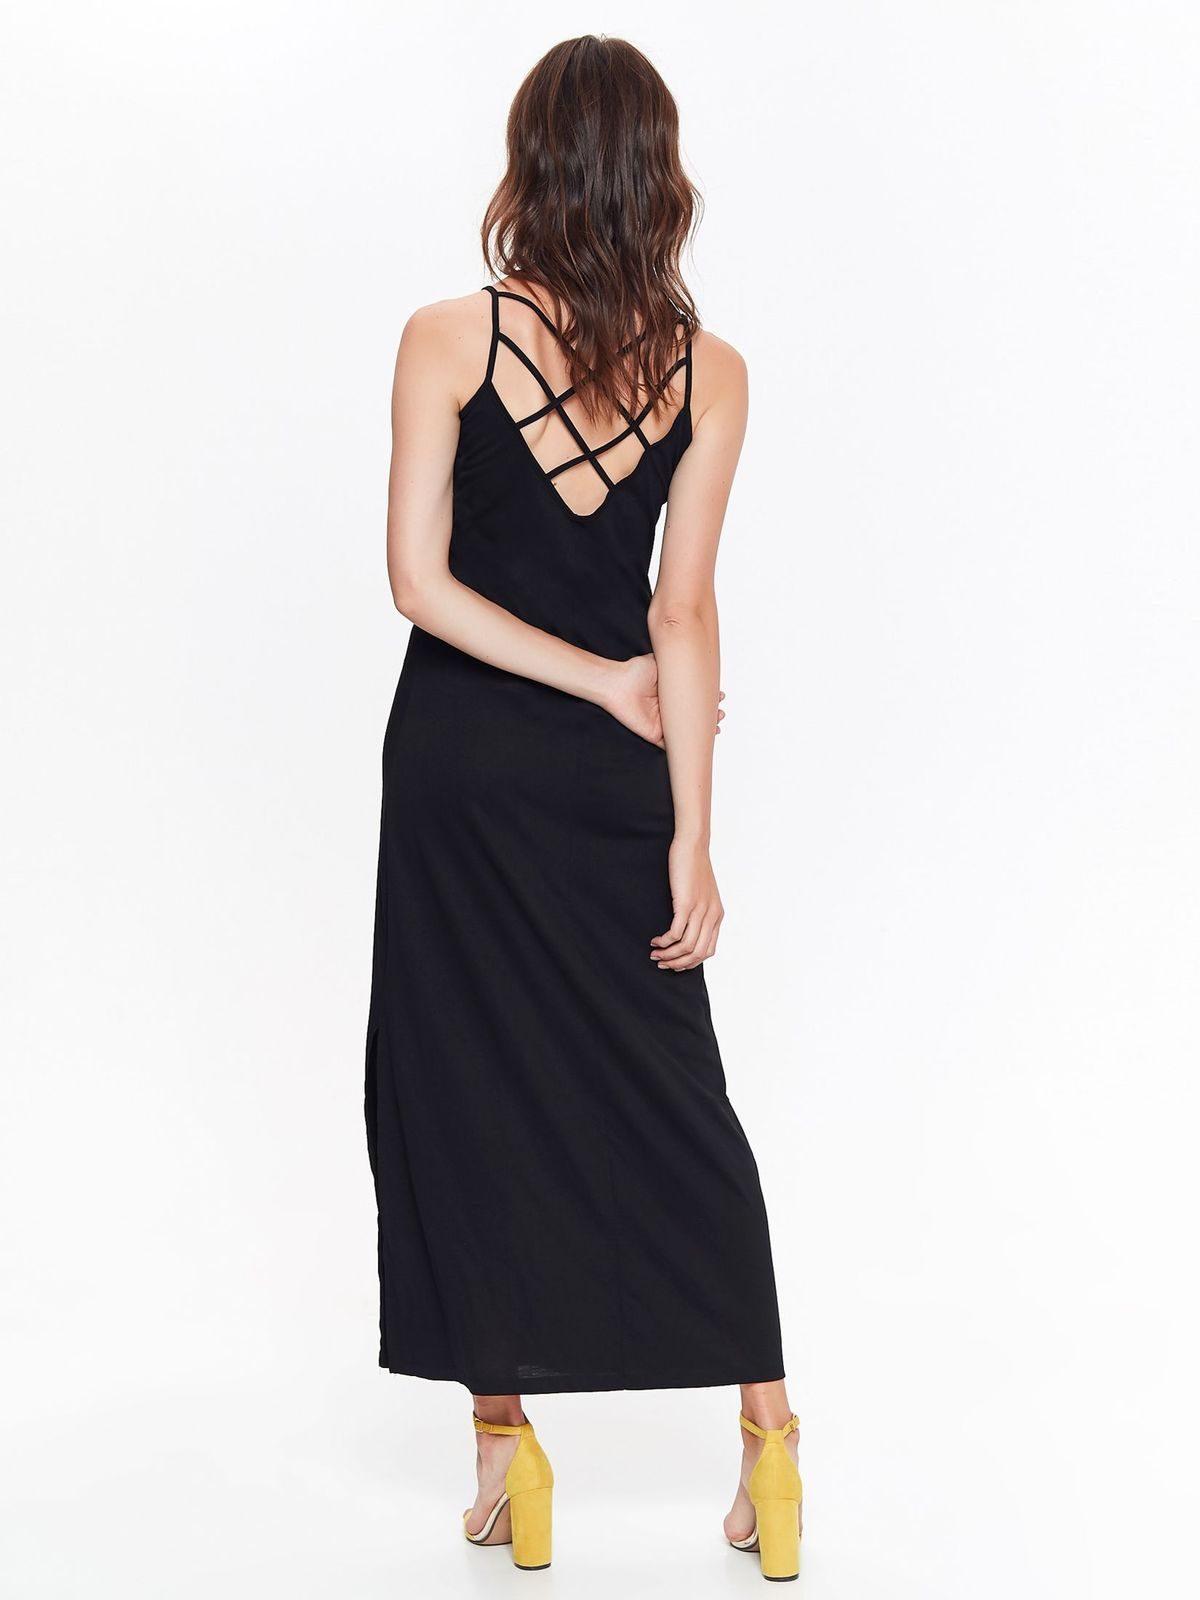 4e8d665c3784 Šaty dlhé čierne ramienkové s výstrihom na chrbte